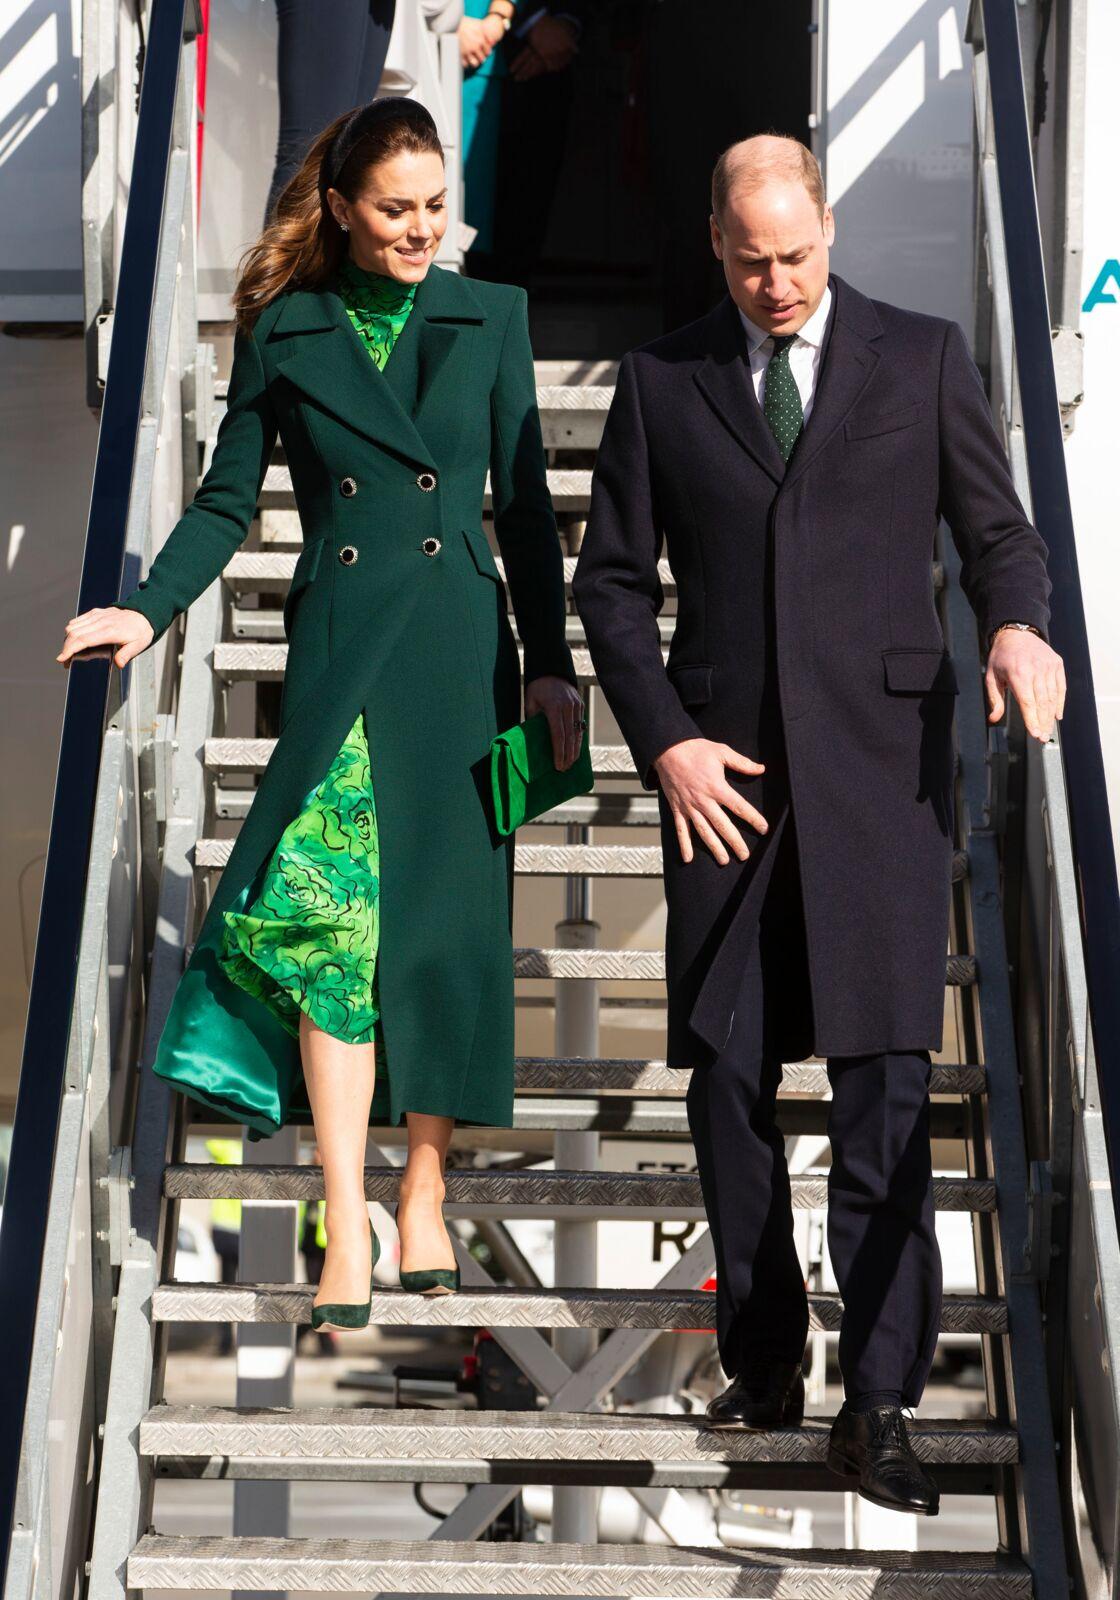 Kate Middleton et le prince William descendent de l'avion à Dublin, ce 3 mars, pour leur voyage officiel en Irlande.